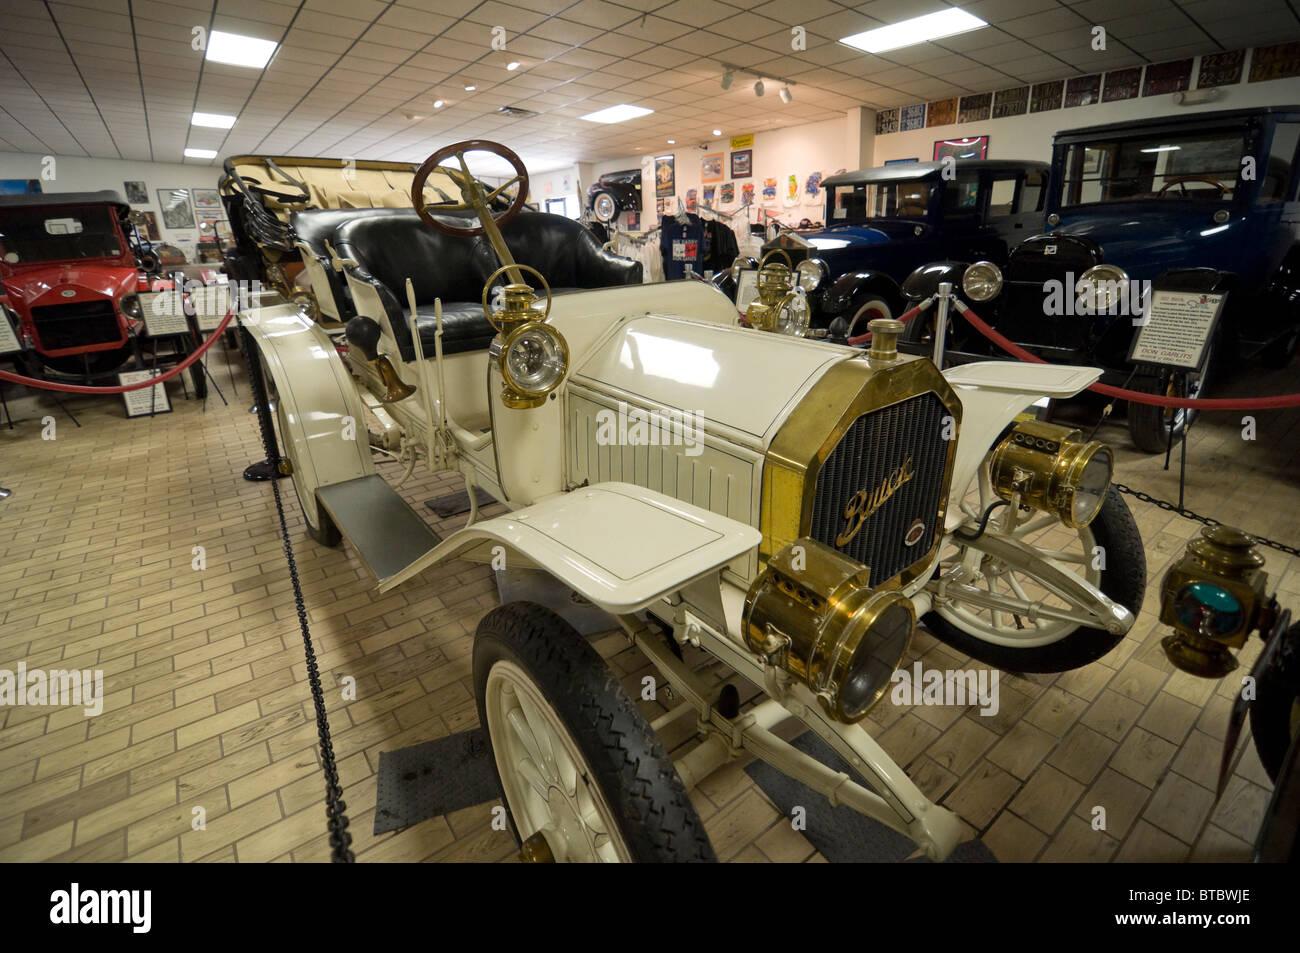 Don Garlits Museo de Automóviles Clásicos Ocala Florida automóviles Buick vintage Imagen De Stock